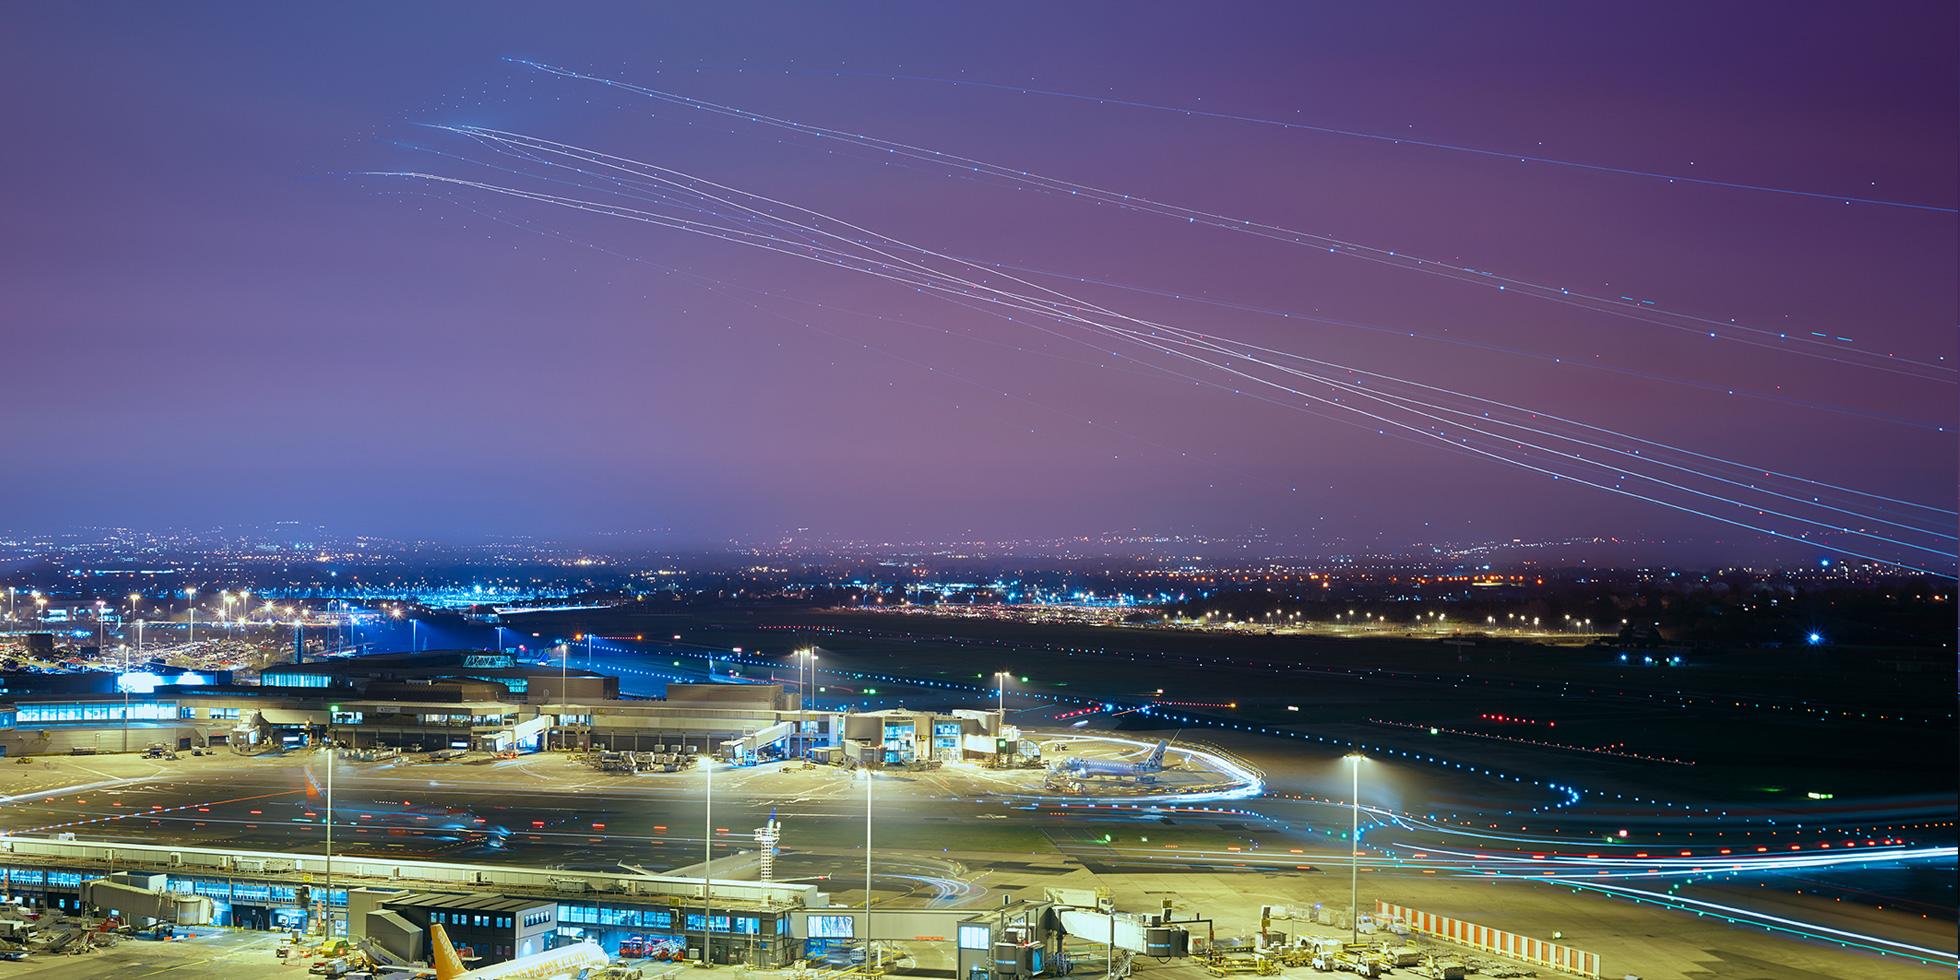 NATS Airport